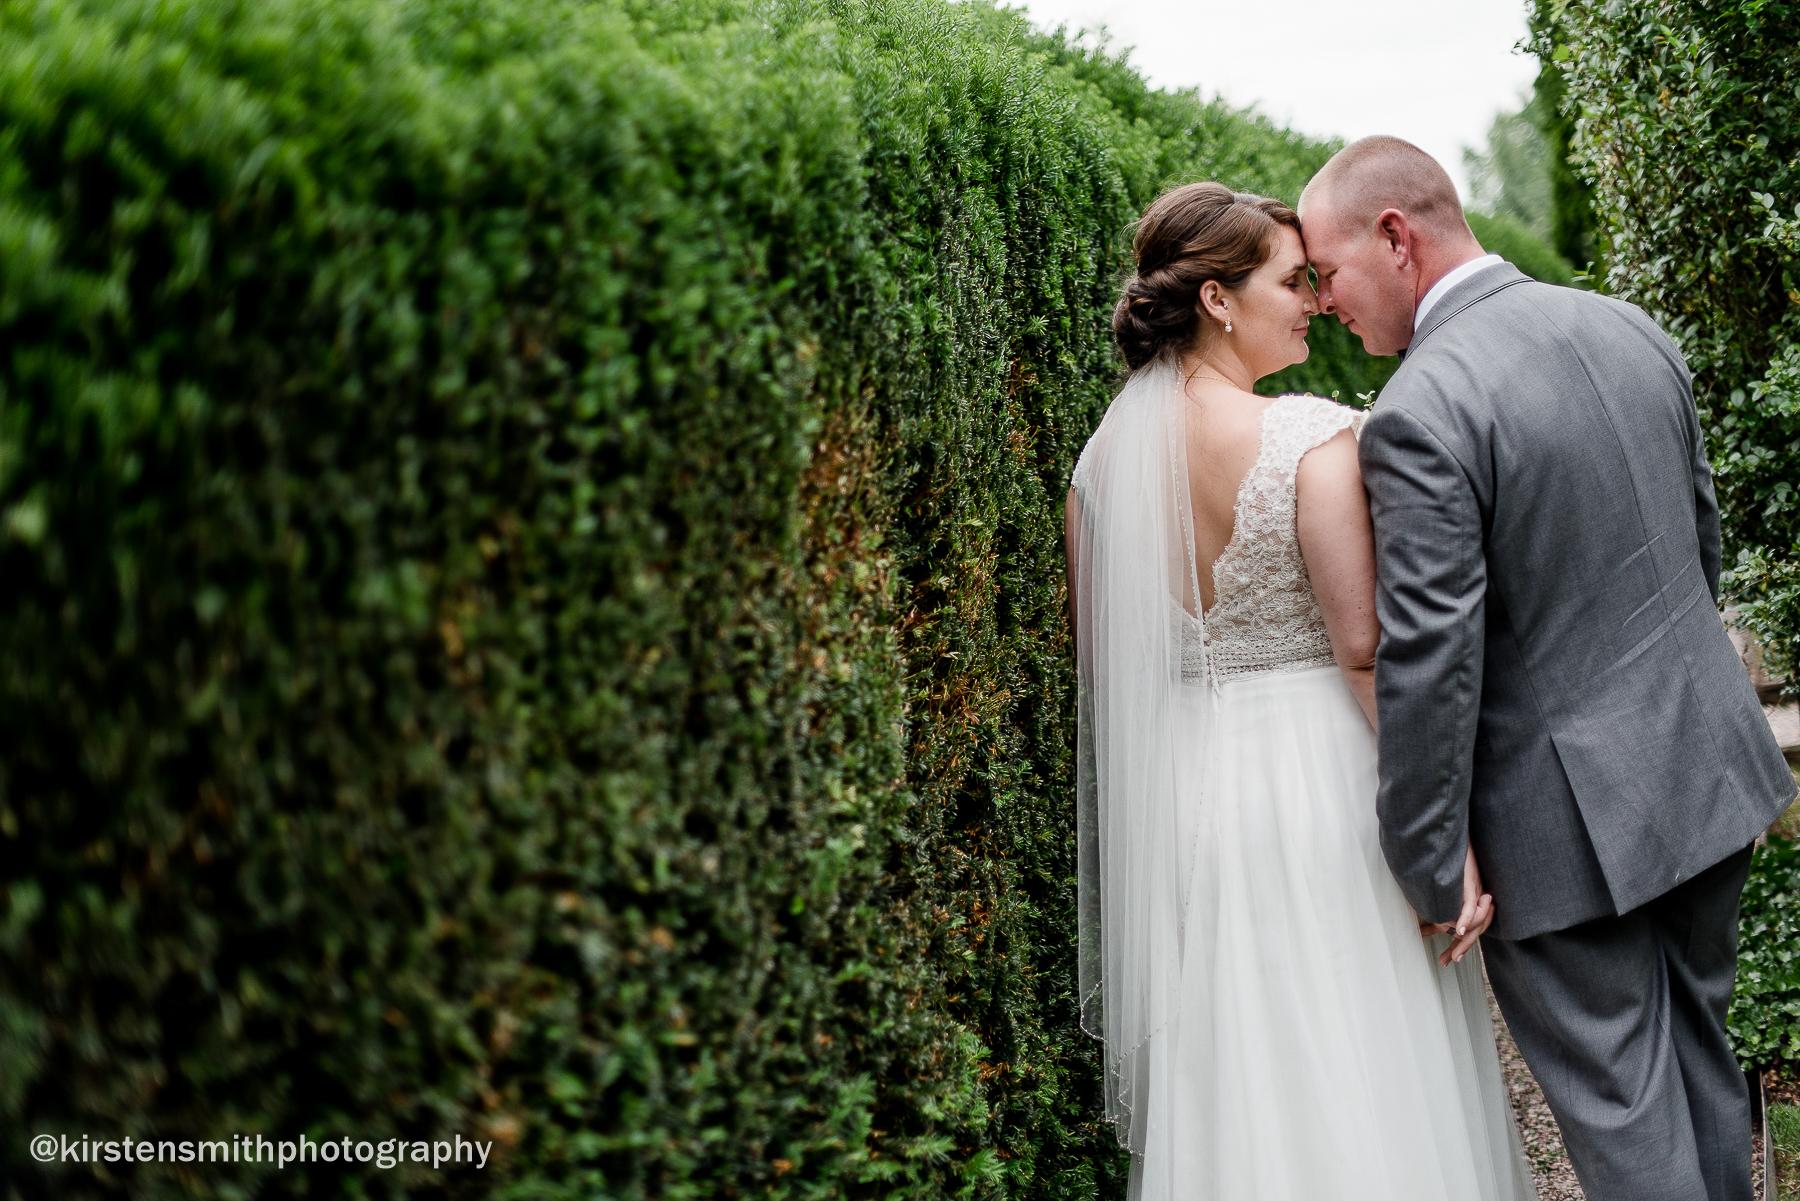 0314Kirsten-Smith-Photography-Michelle-Seth-Wedding-.jpg